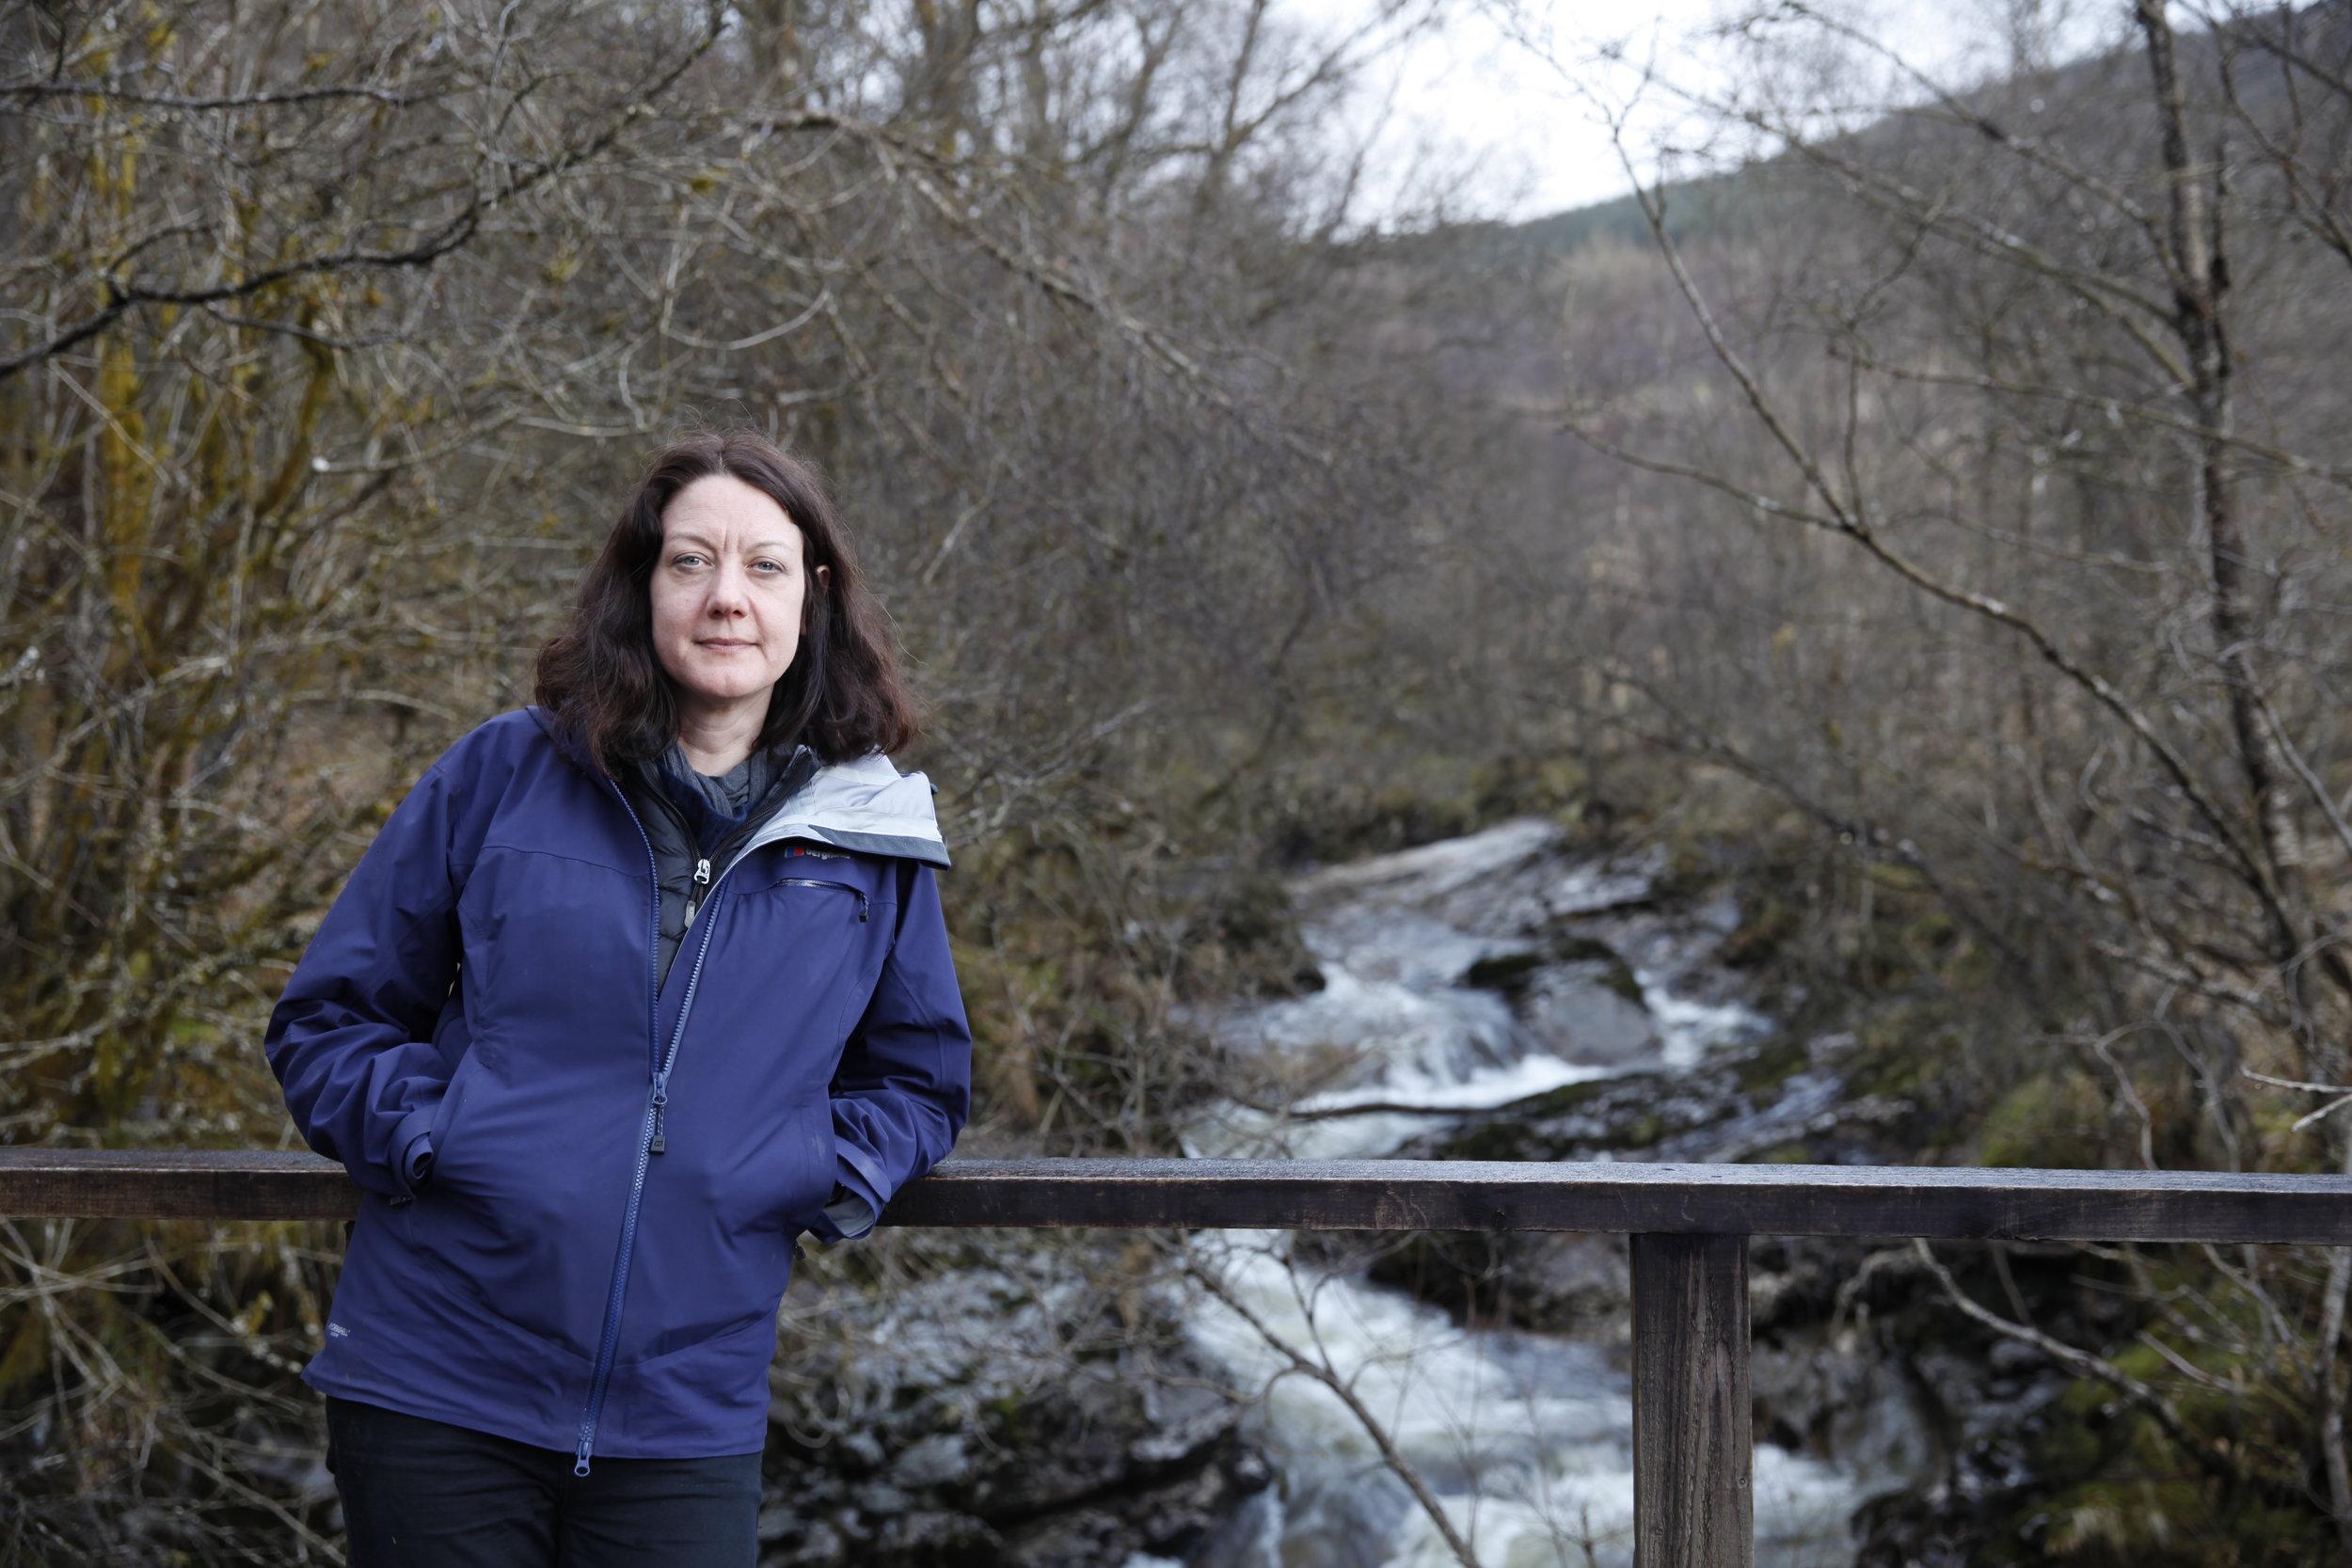 The River - BBC Four